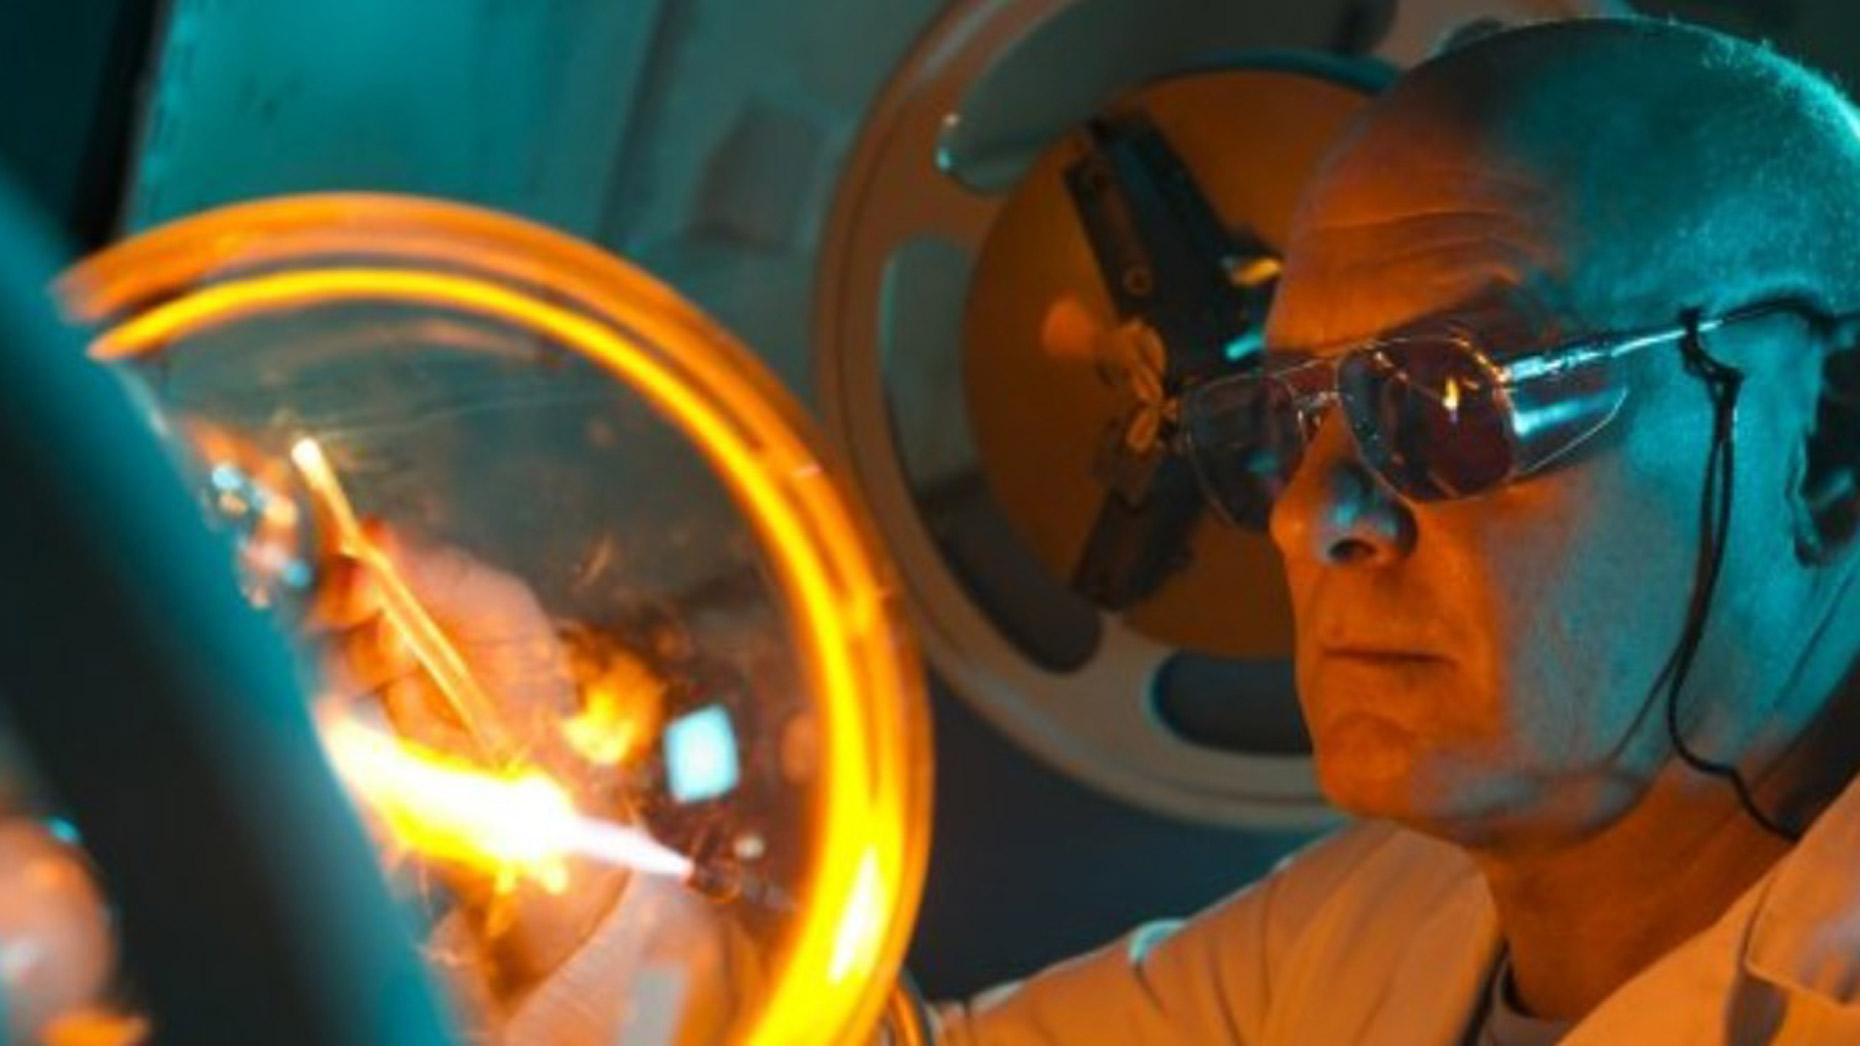 Scientific glassblowing. Photo: Gravity Fields